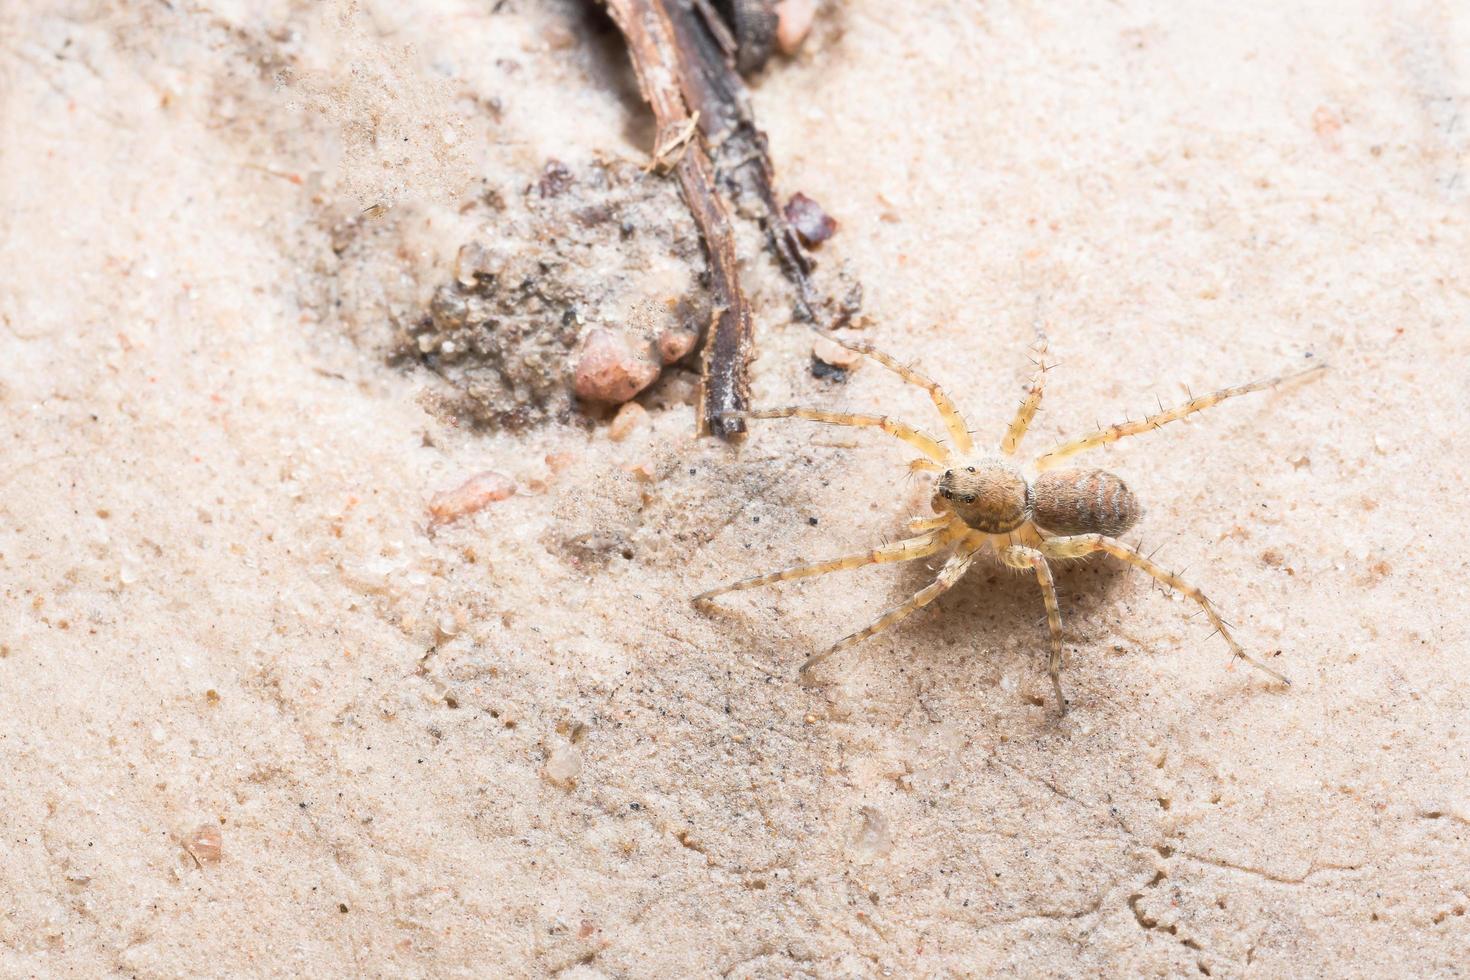 Spinne auf dem Boden foto